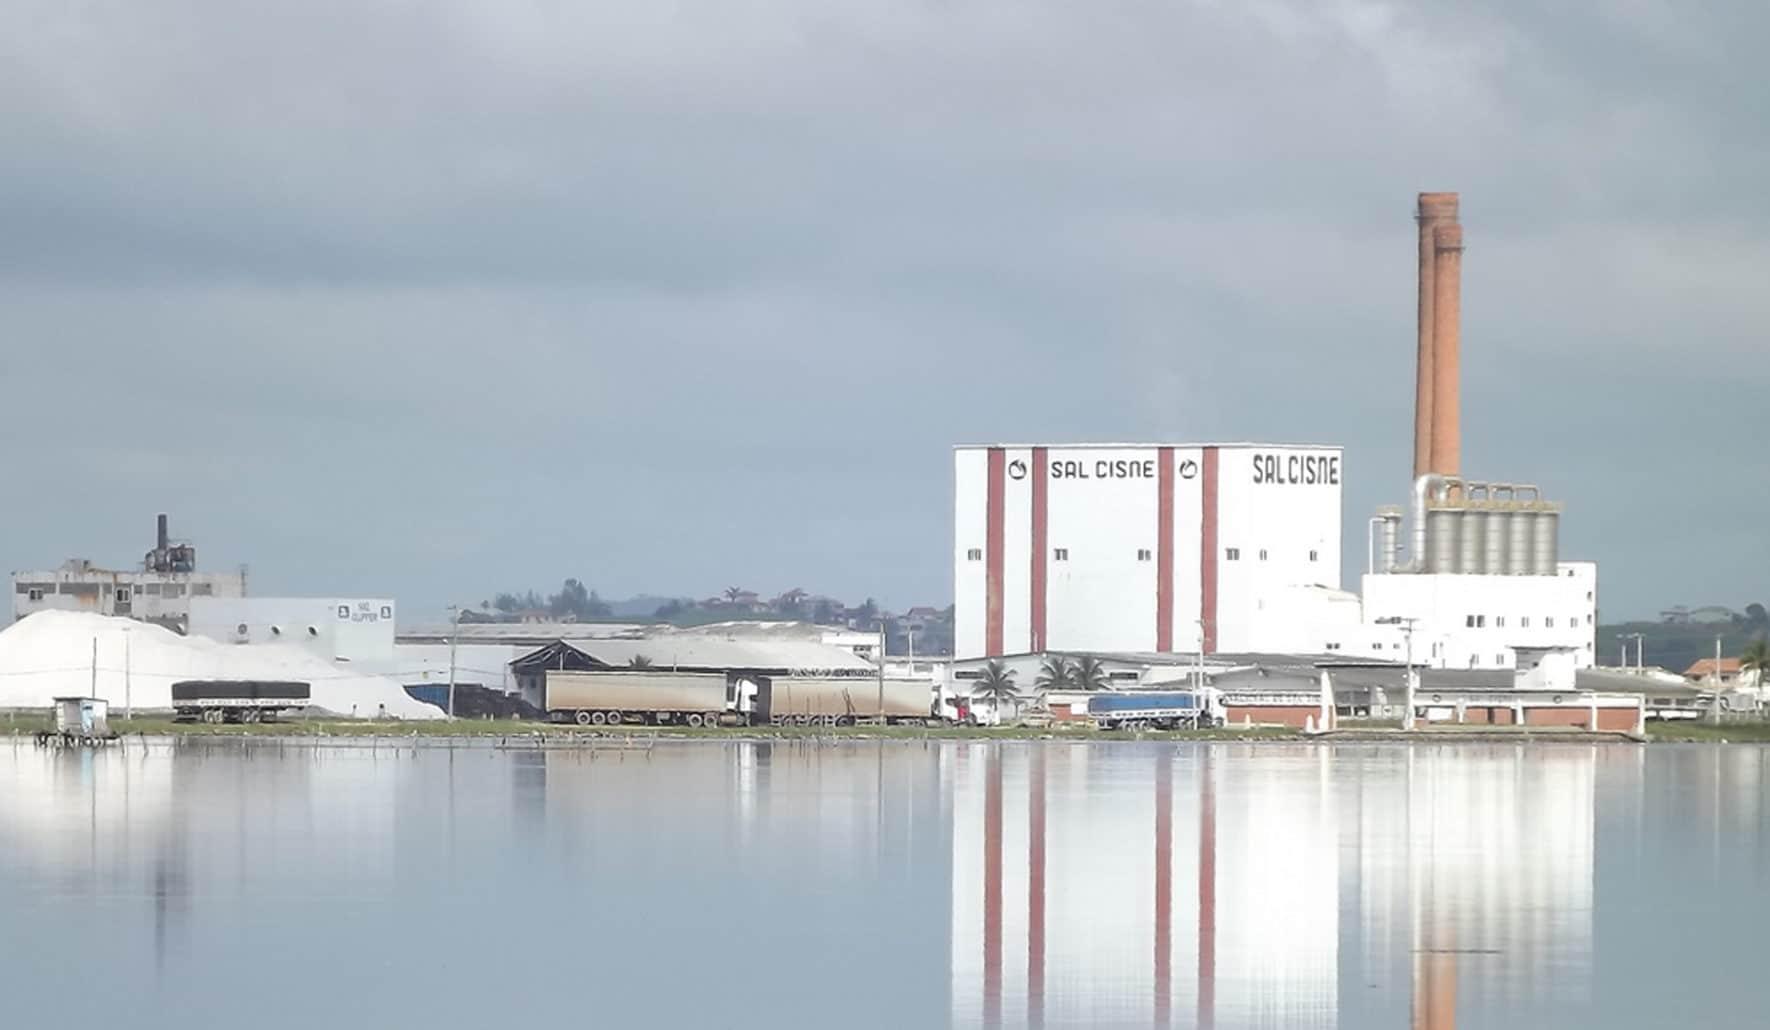 refinaria nacional de sal